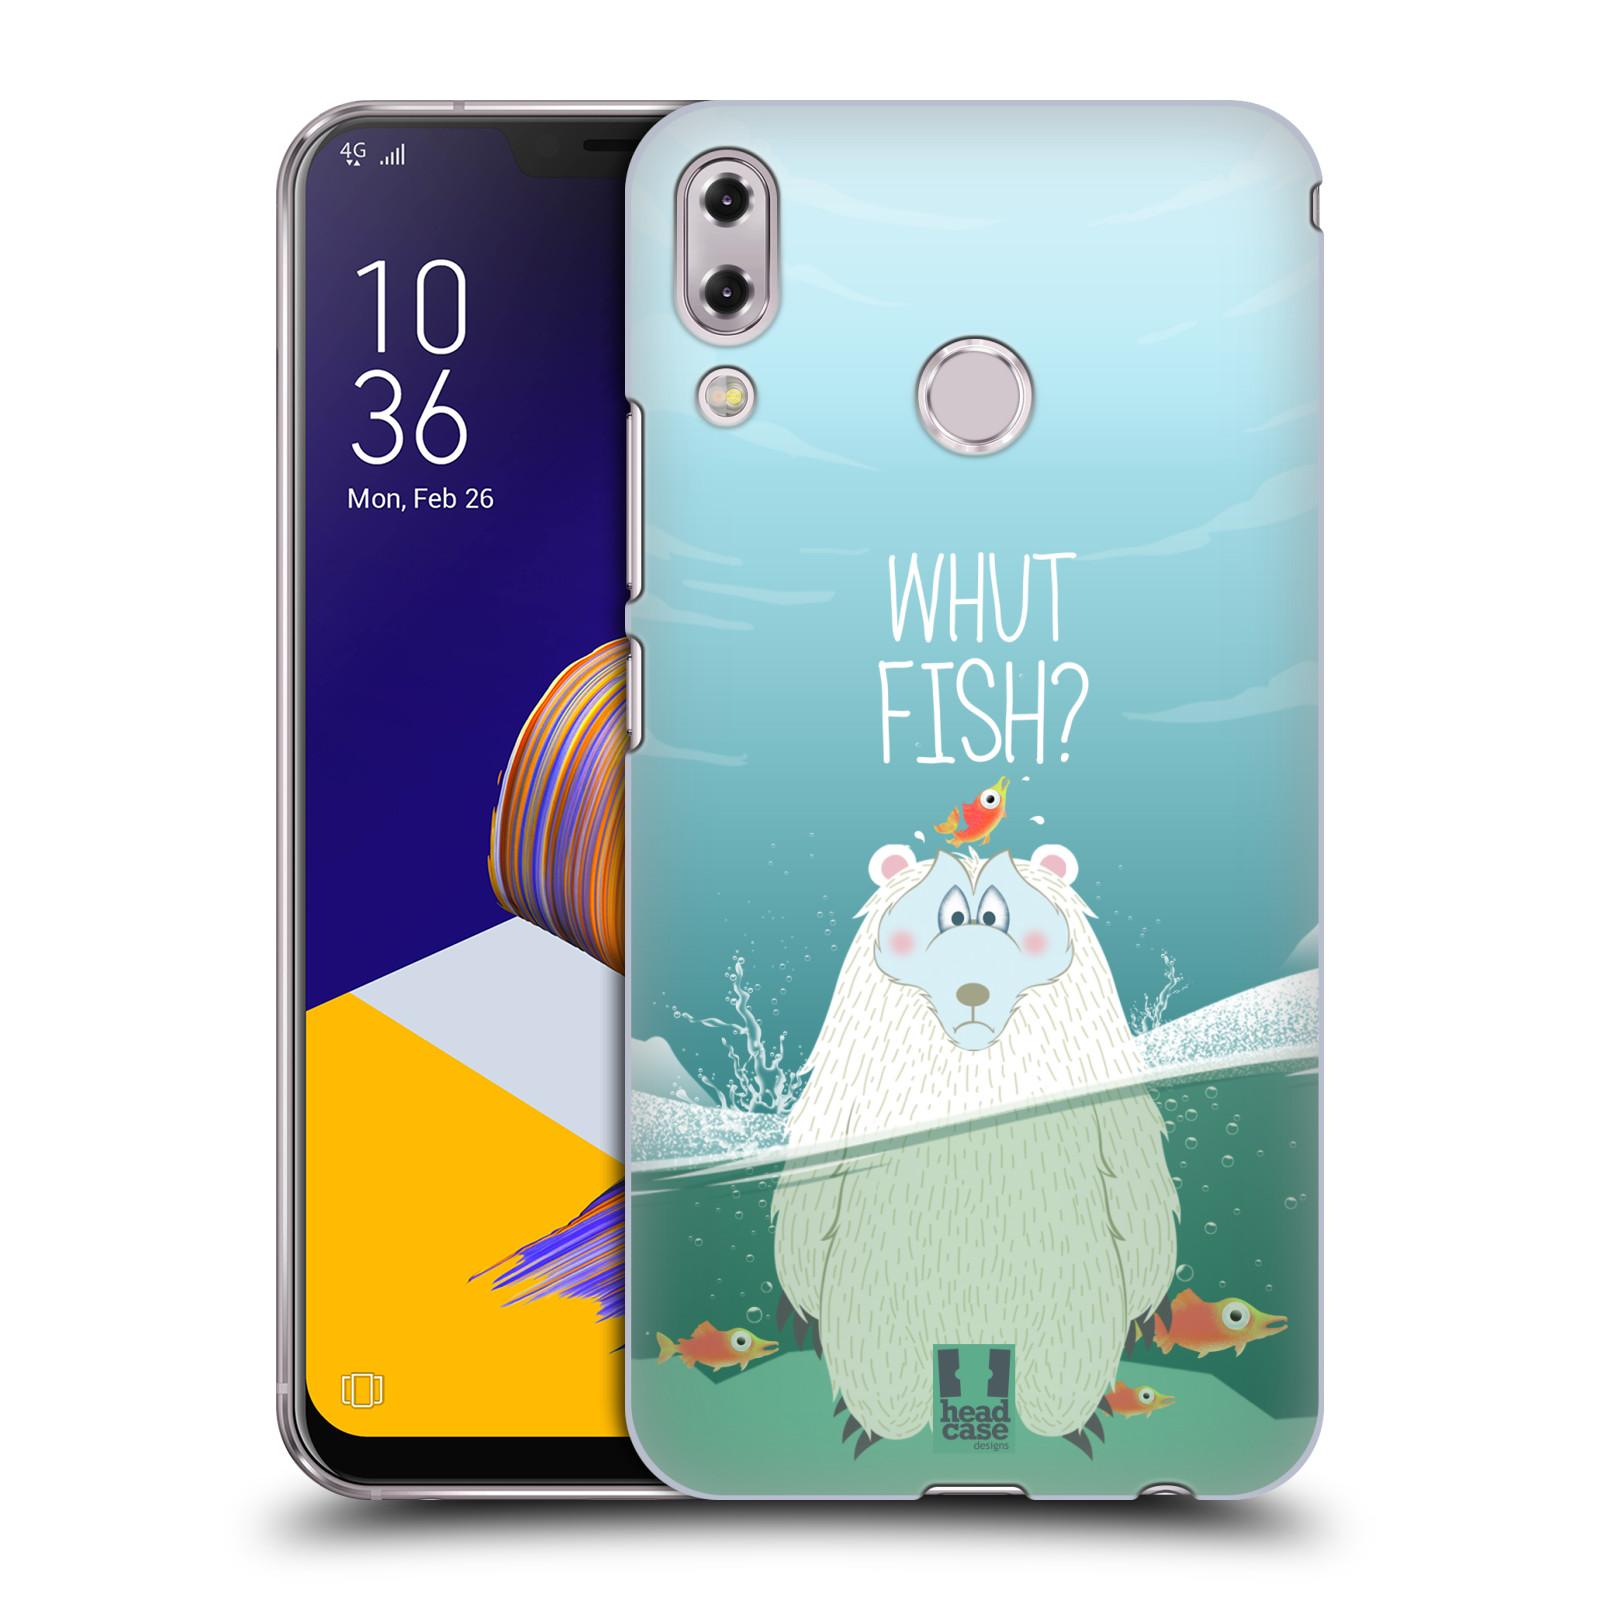 Plastové pouzdro na mobil Asus Zenfone 5z ZS620KL - Head Case - Medvěd Whut Fish?